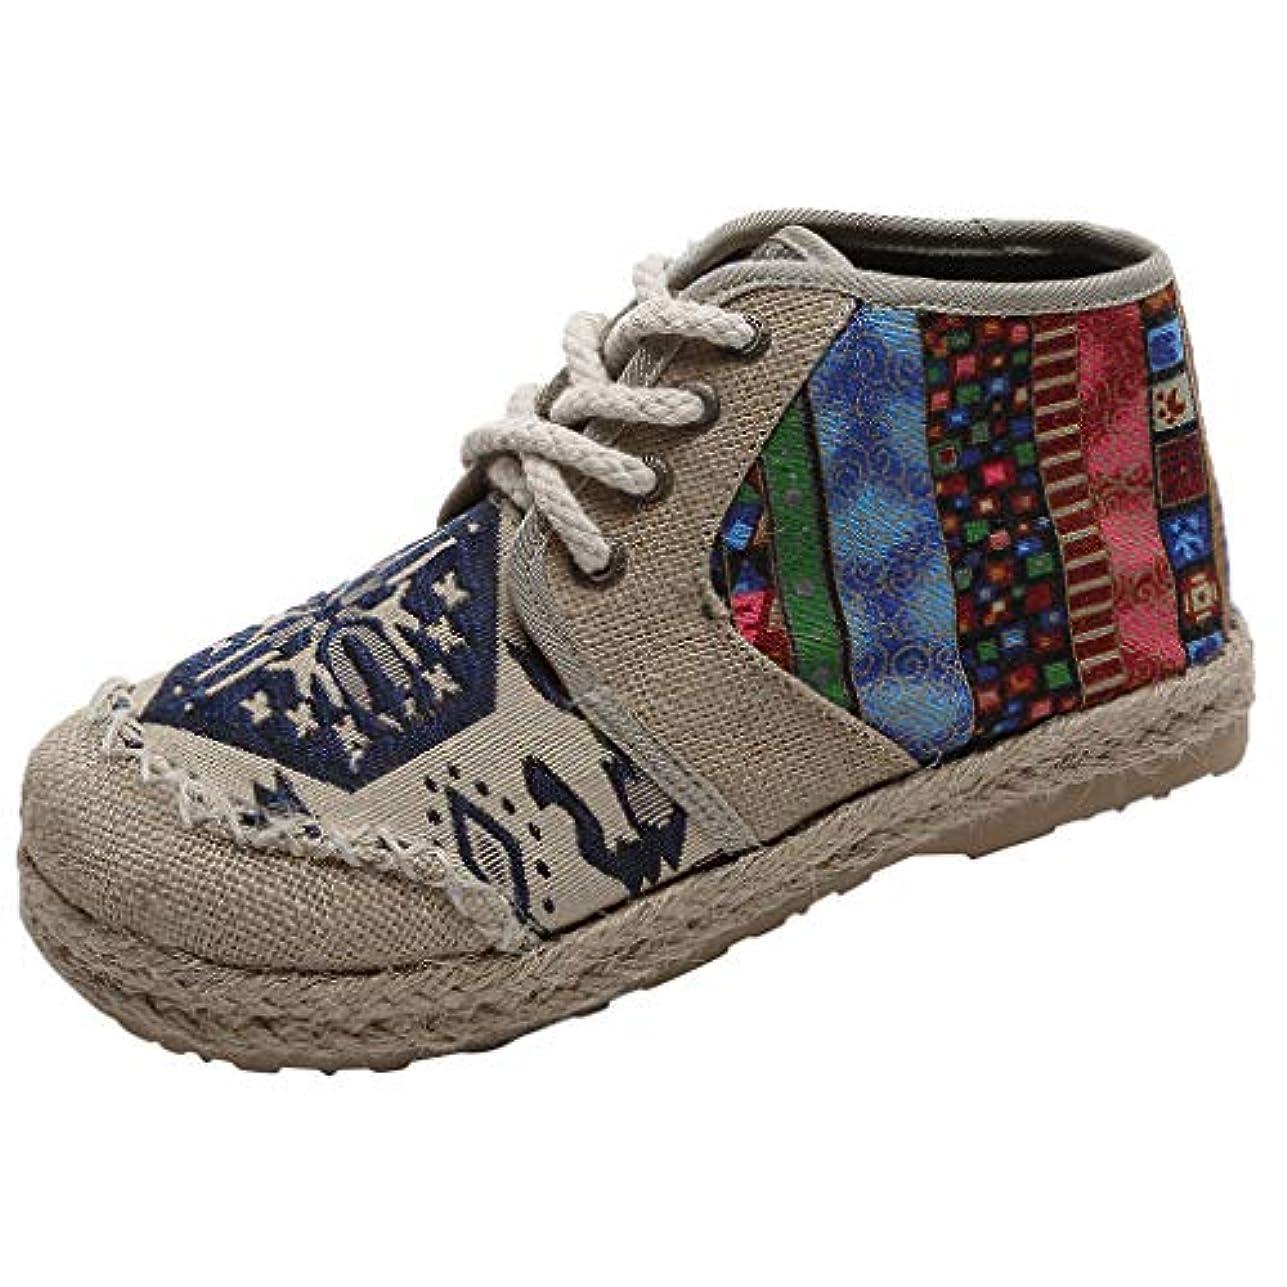 セクションつぶやきシリング[Sucute] 国立風の婦人靴 リネンレトロ 学生 カジュアル 大型 シングルシューズ 高い助け ファッショントレンド 海沿いの旅行に適しています (35-43)